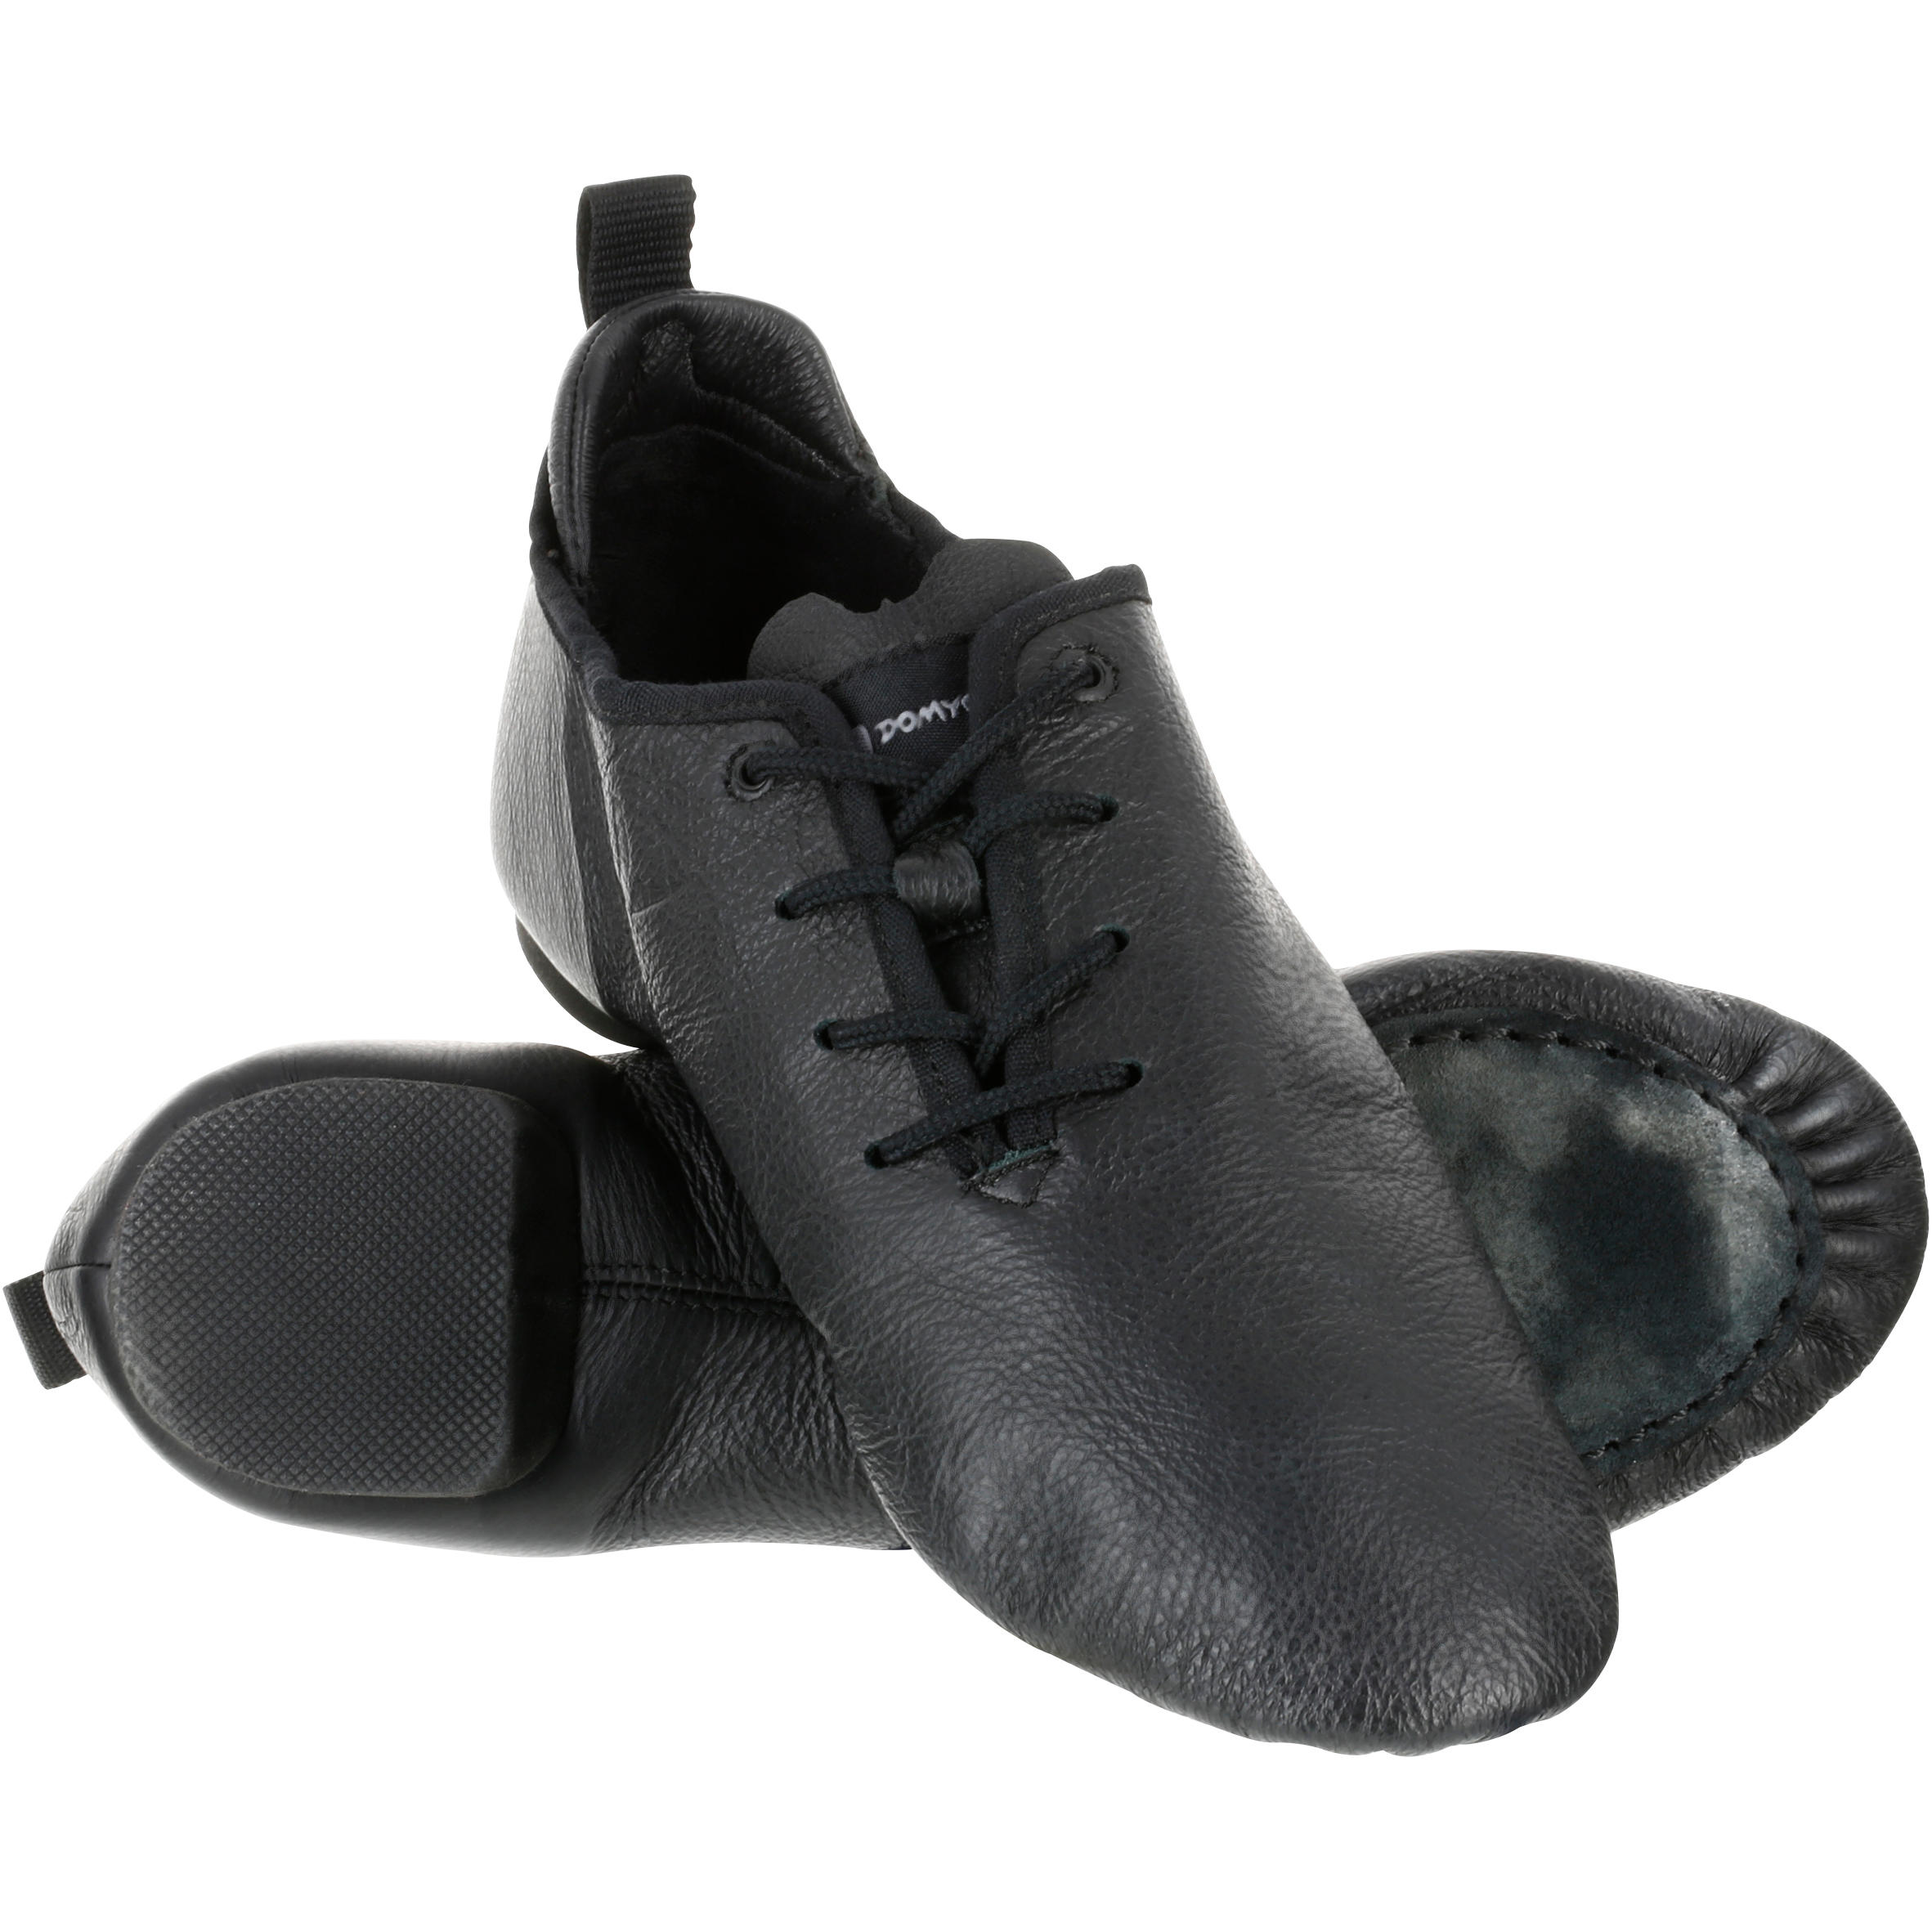 Domyos Dansschoentjes in soepel leer voor moderne dans zwart